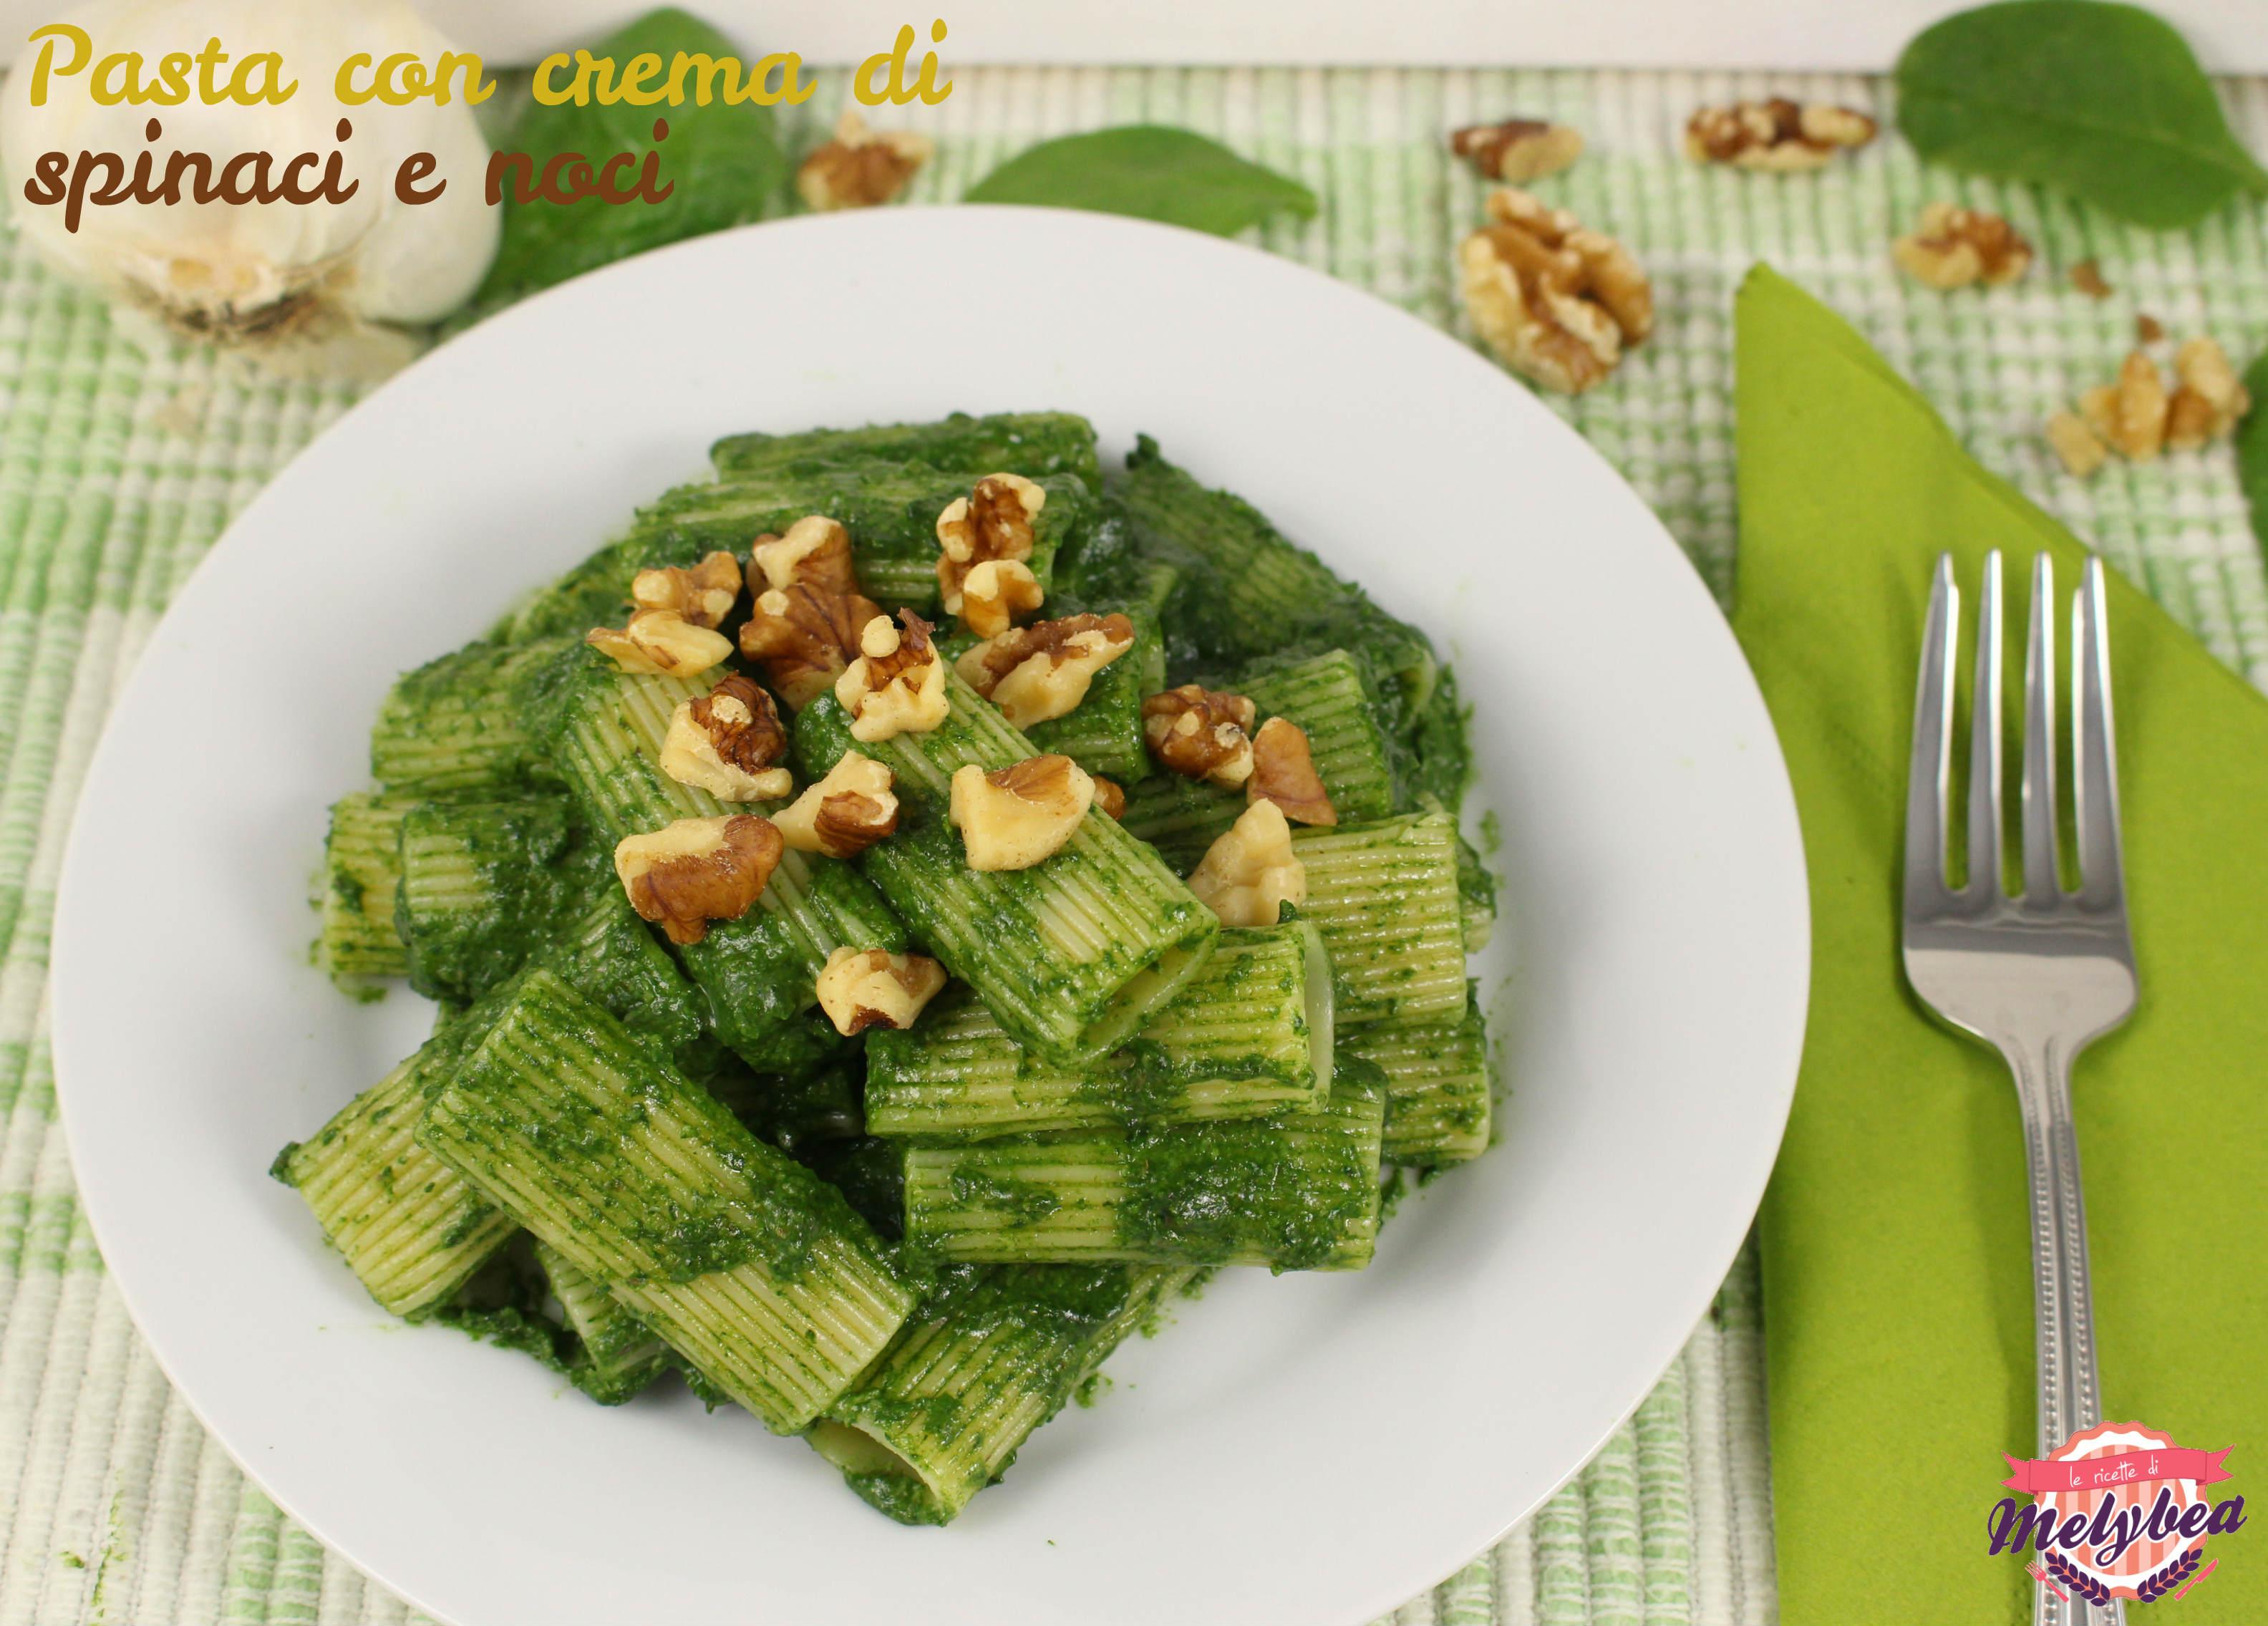 pasta con crema di spinaci e noci